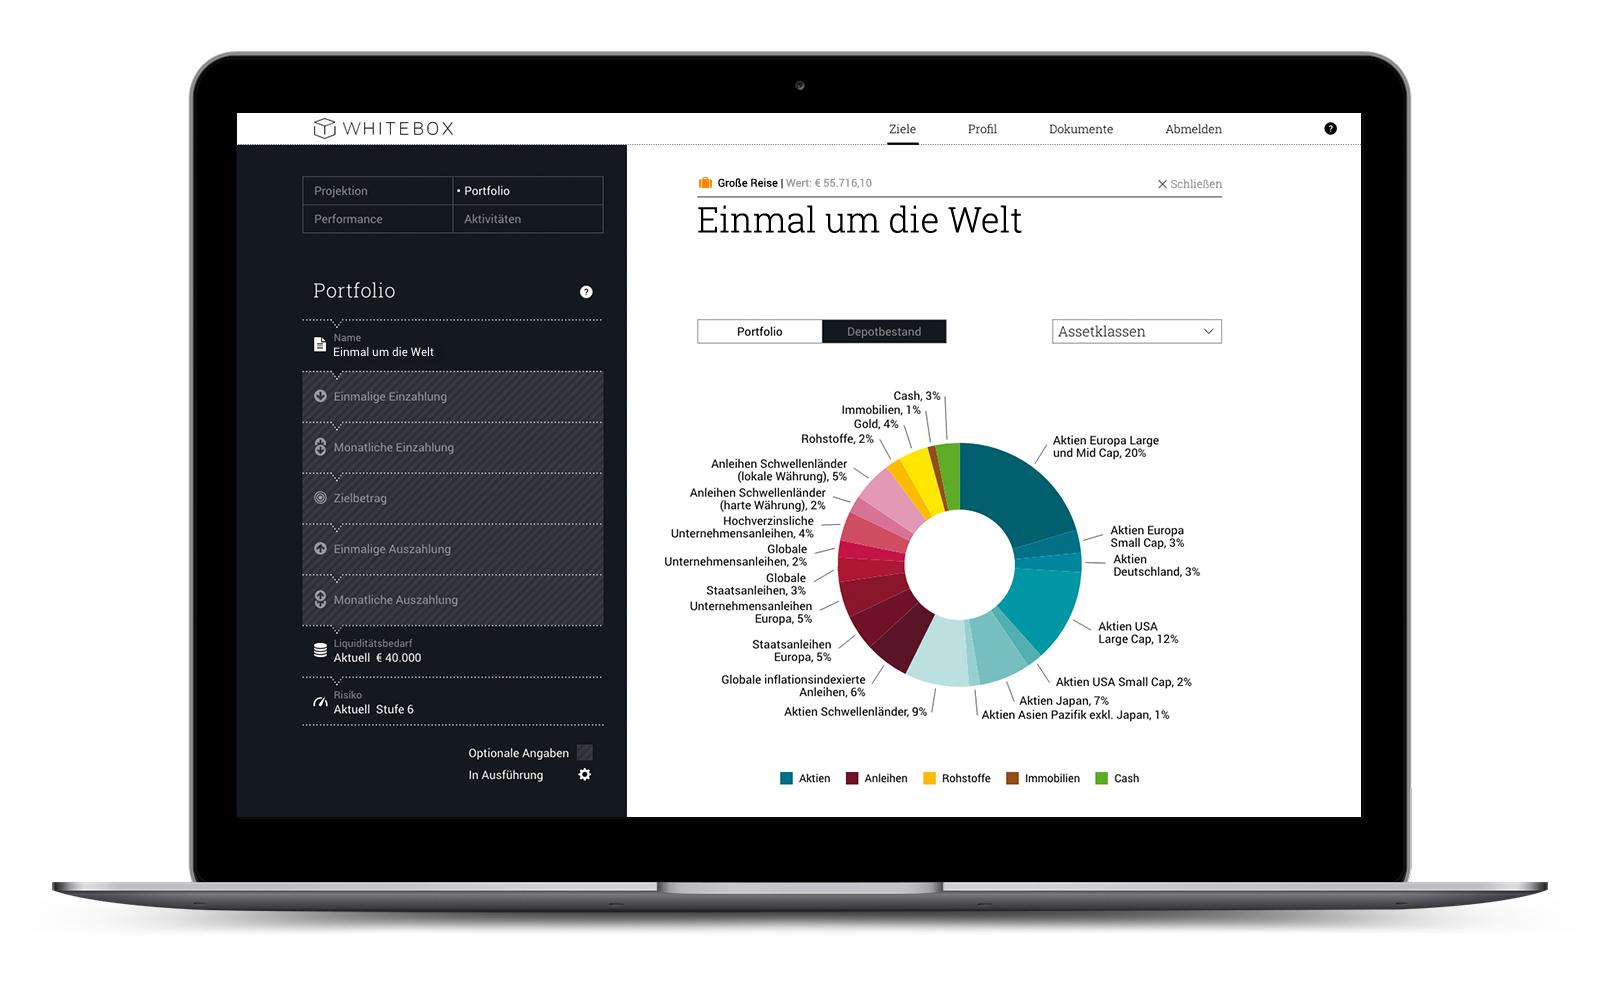 Whitebox: Online-Vermögensverwalter verpasst sich ein Facelift